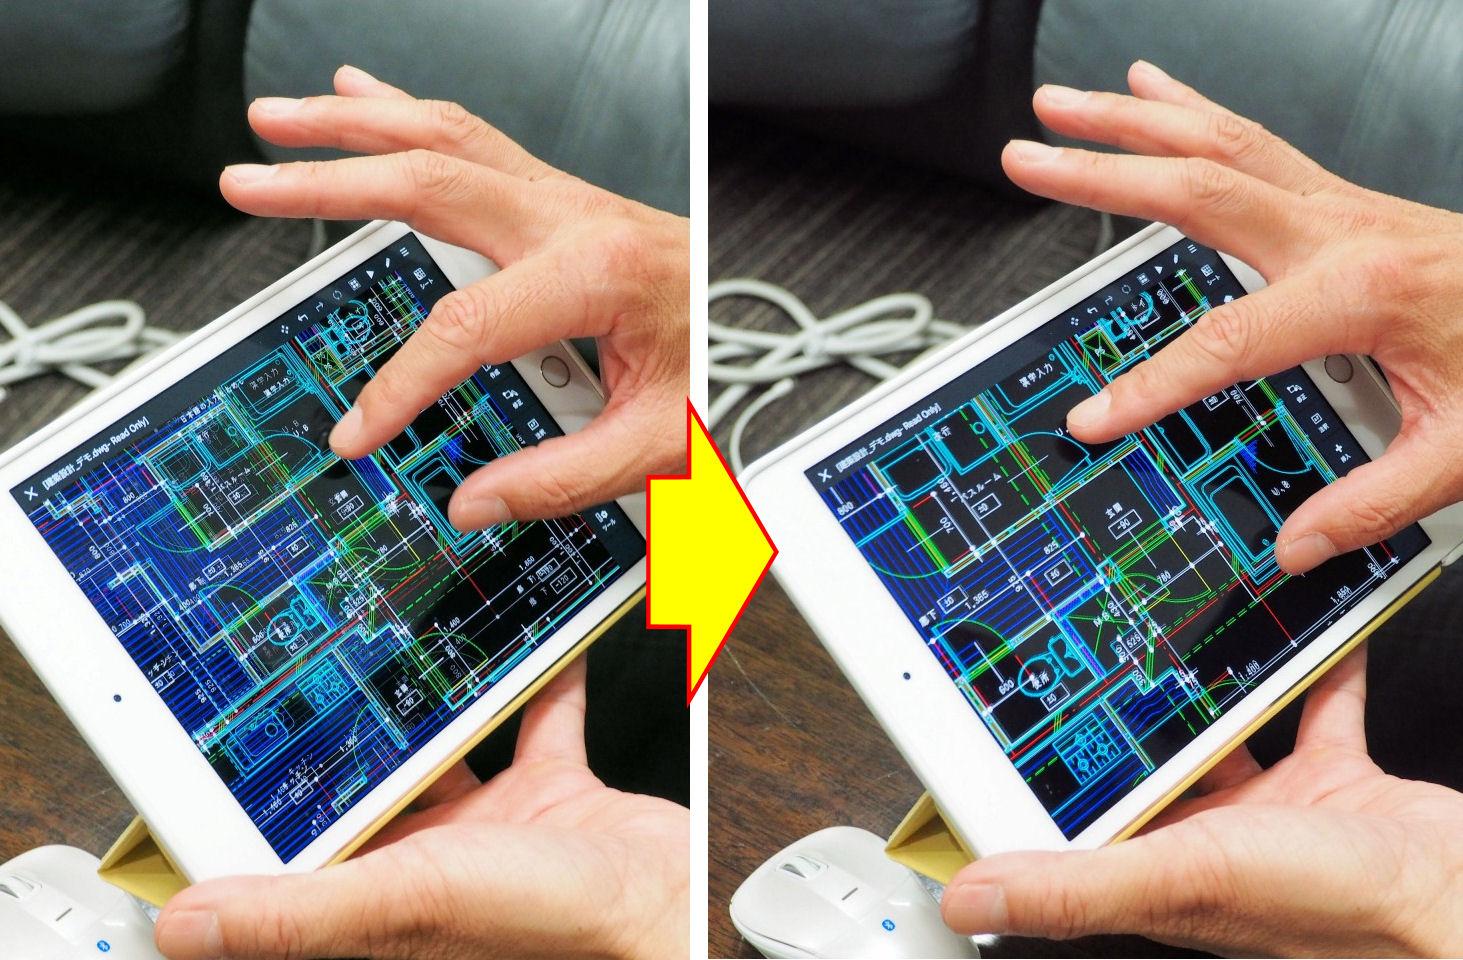 iPadでは拡大・縮小などを画面へのタッチ操作で軽快に行える